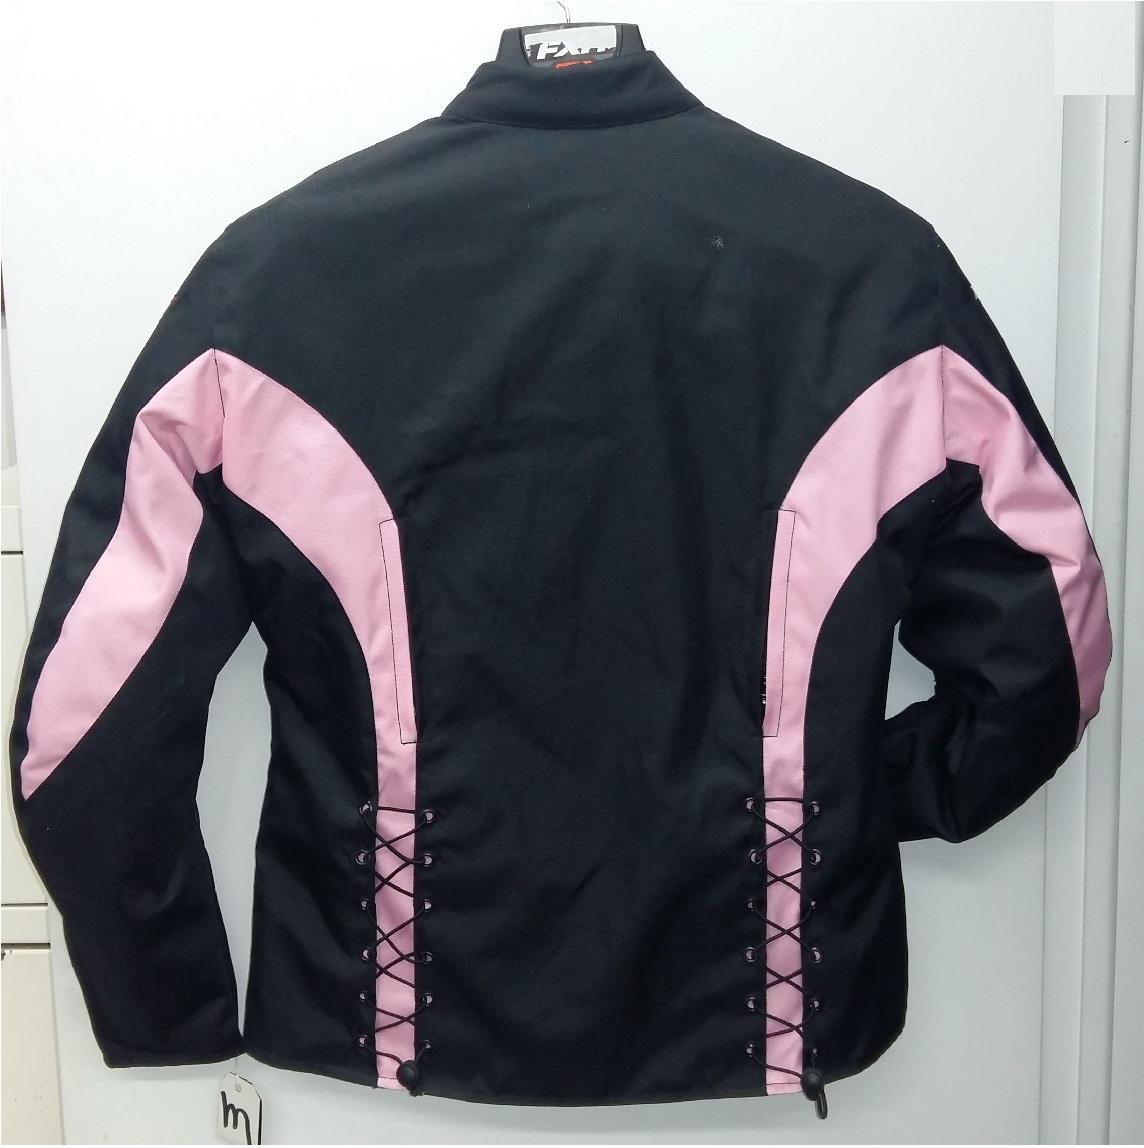 v tements v tements moto et vtt t manteau de moto femme manteau de moto rose pour. Black Bedroom Furniture Sets. Home Design Ideas